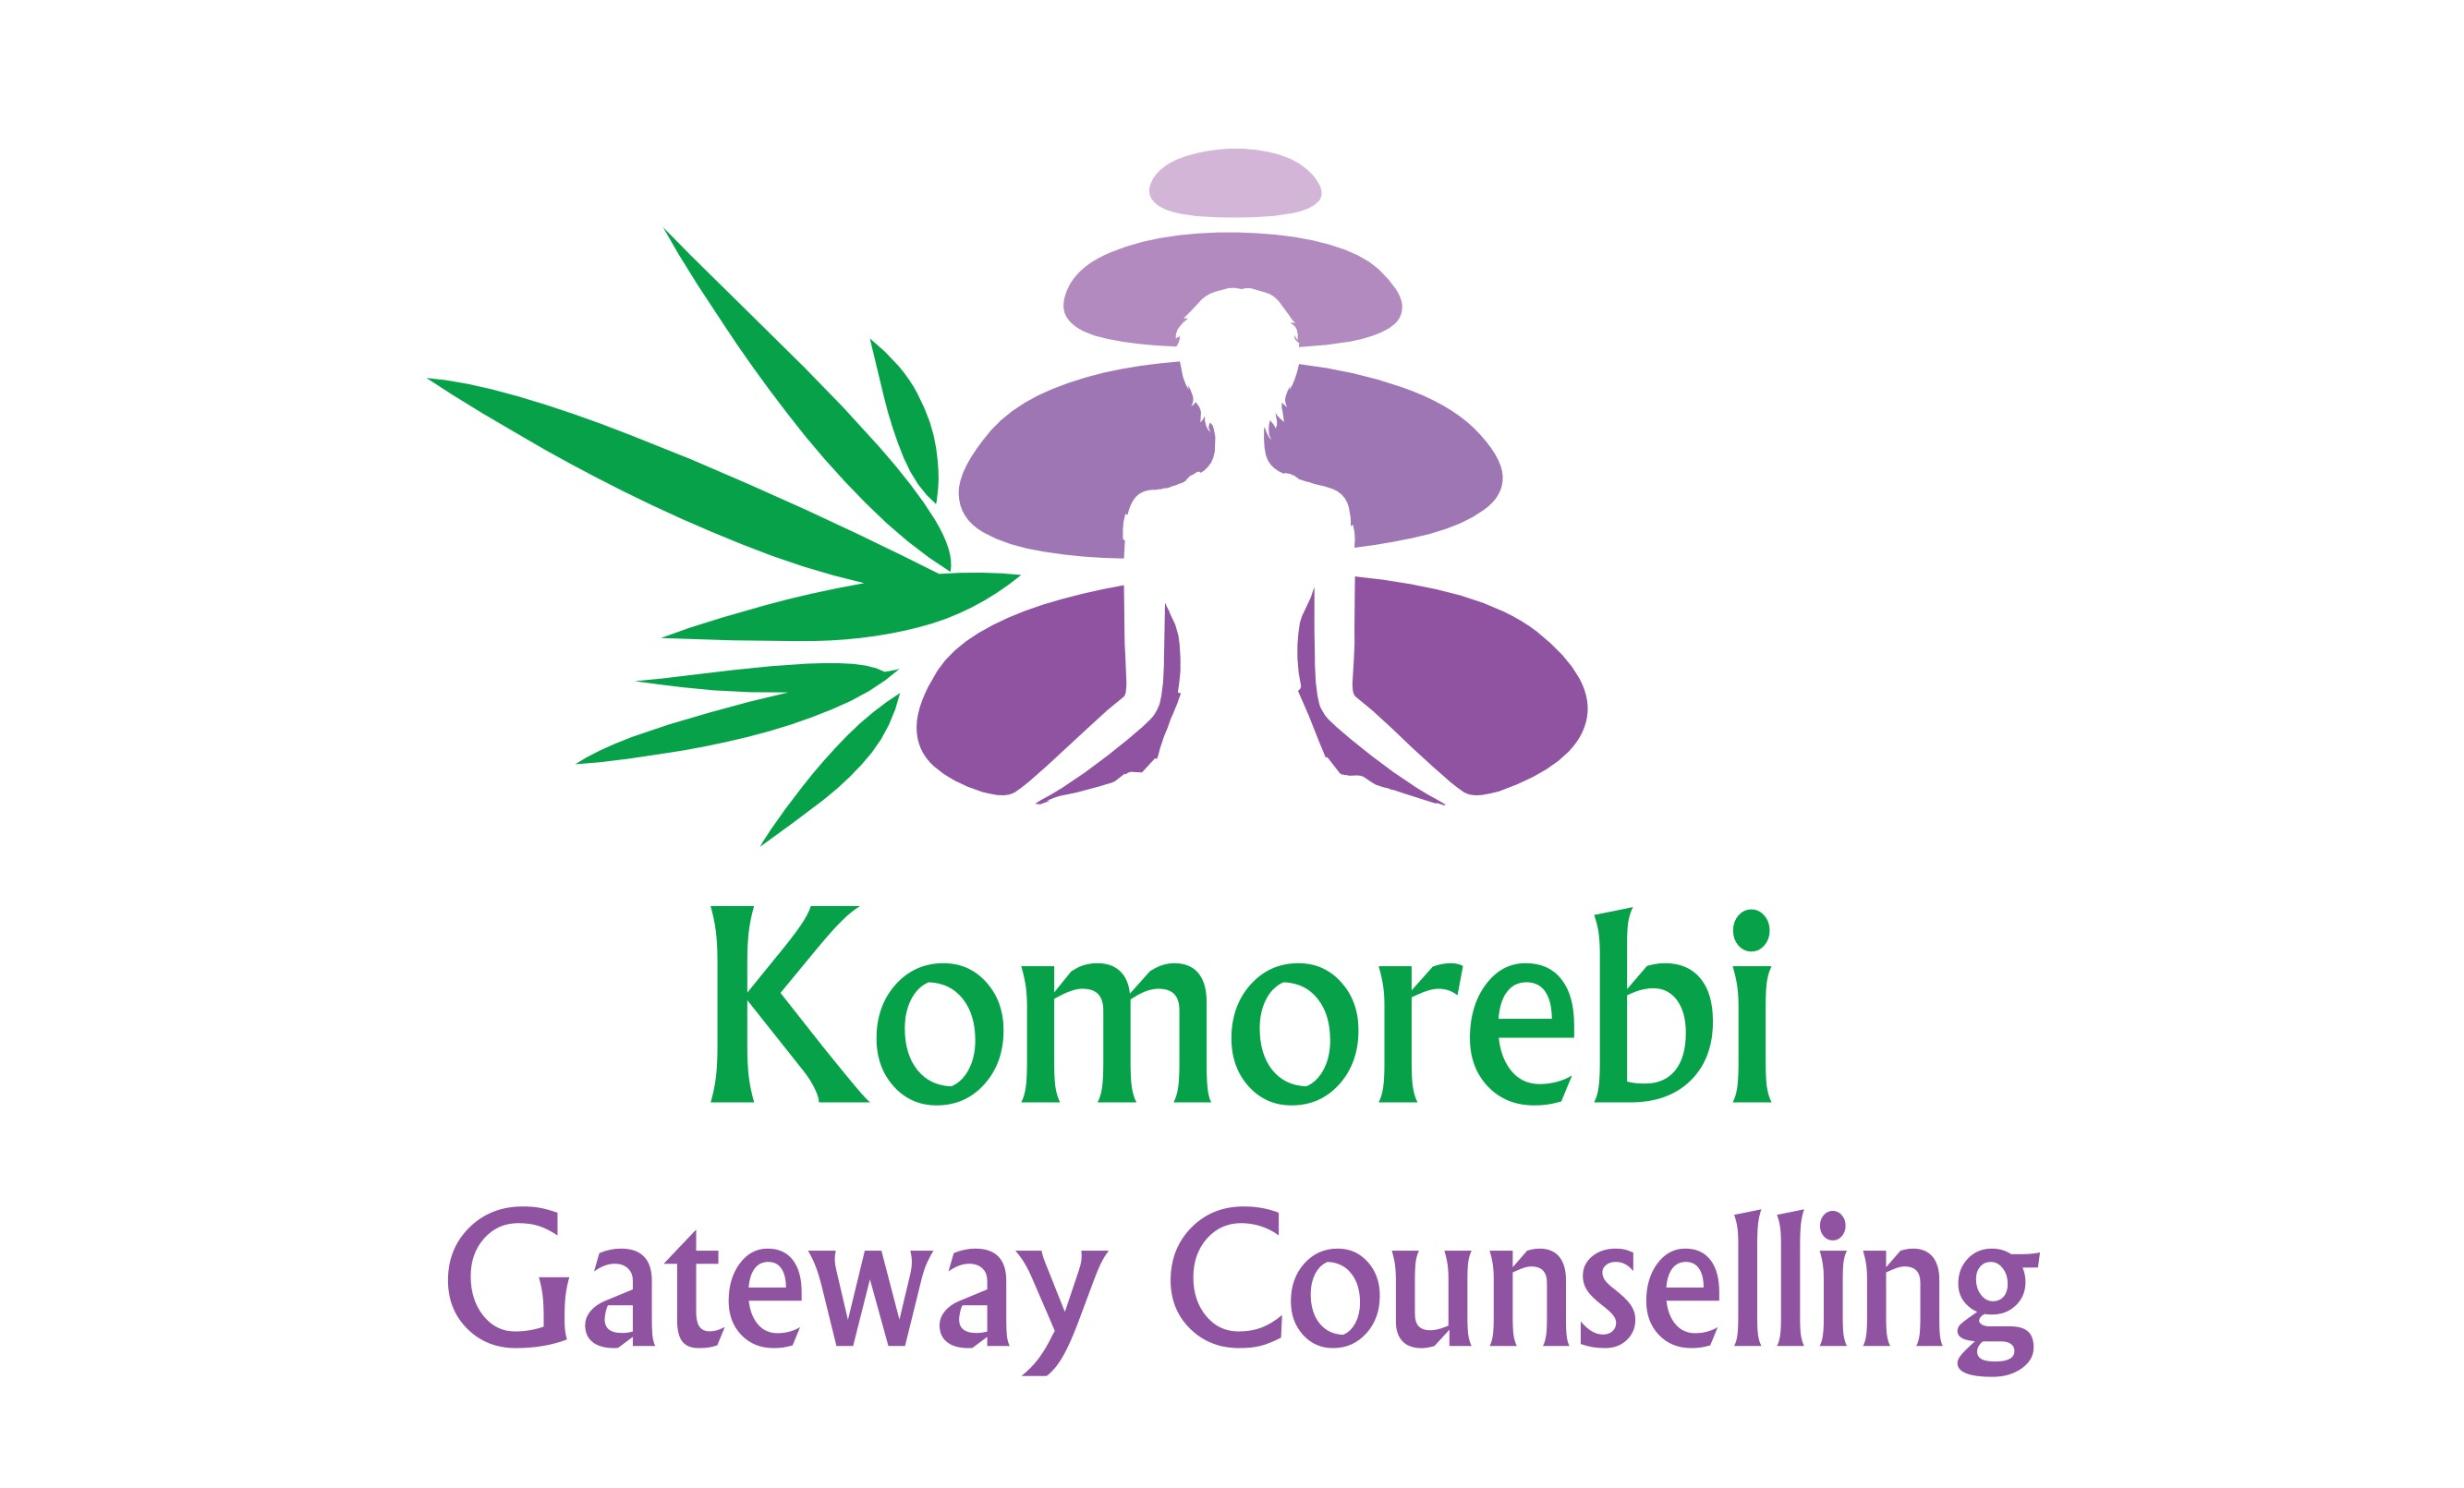 Komorebi Gateway Counseling Ltd